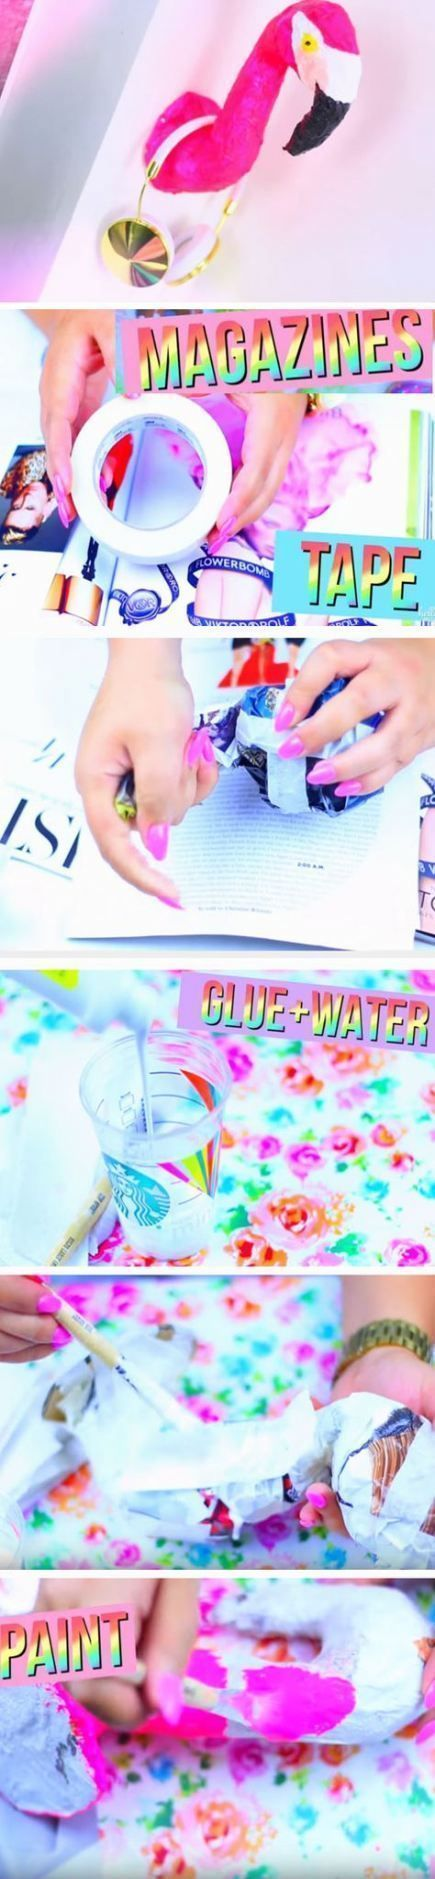 Diy Handwerk für Teen Mädchen Sommer Raumdekor 31 Ideen #craft #decor #DIY #gi…